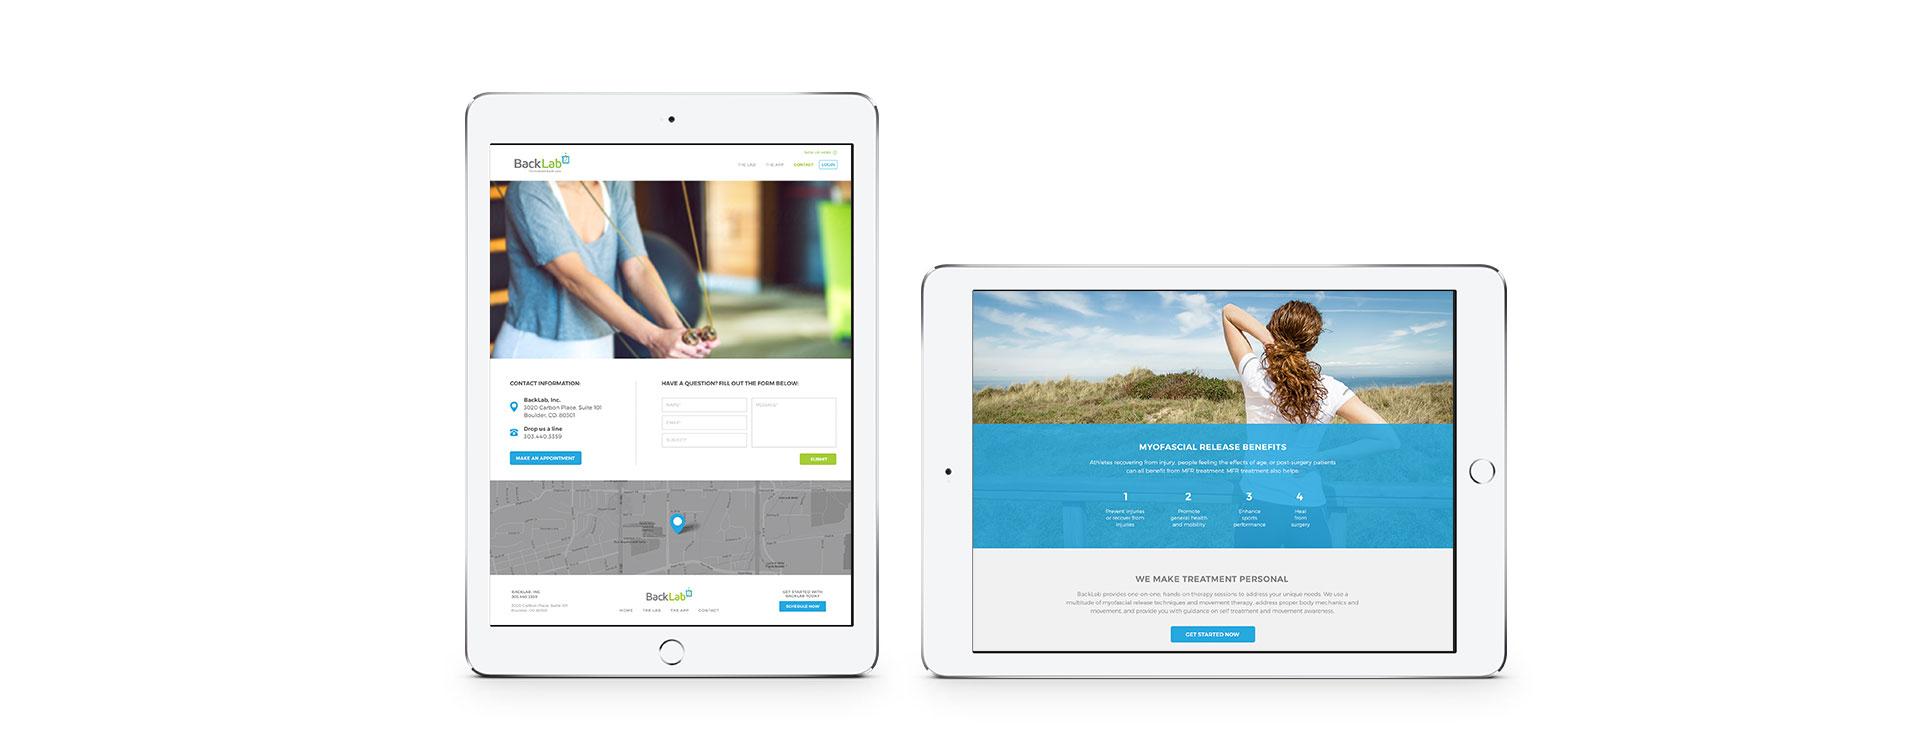 mobile website designs for backlab